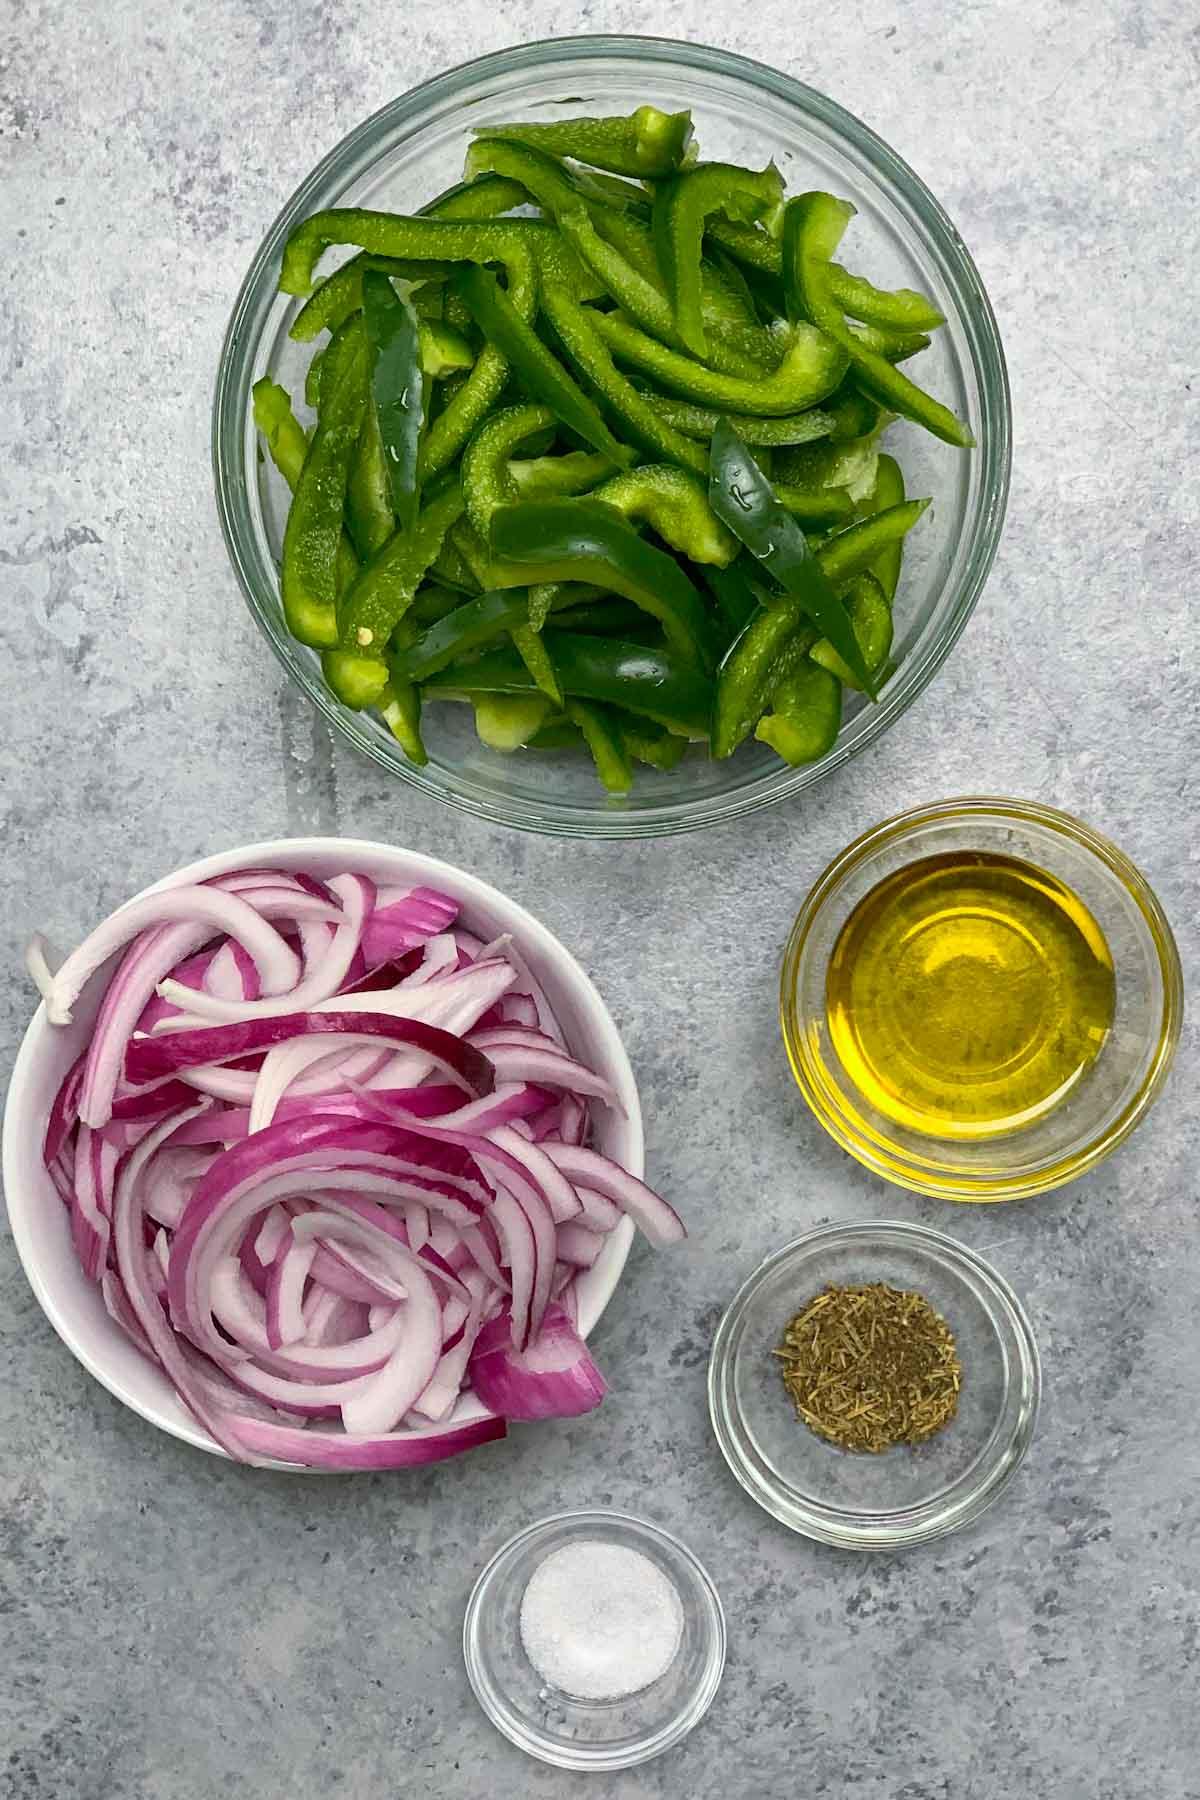 Fajita Veggies Recipe ingredients on the counter